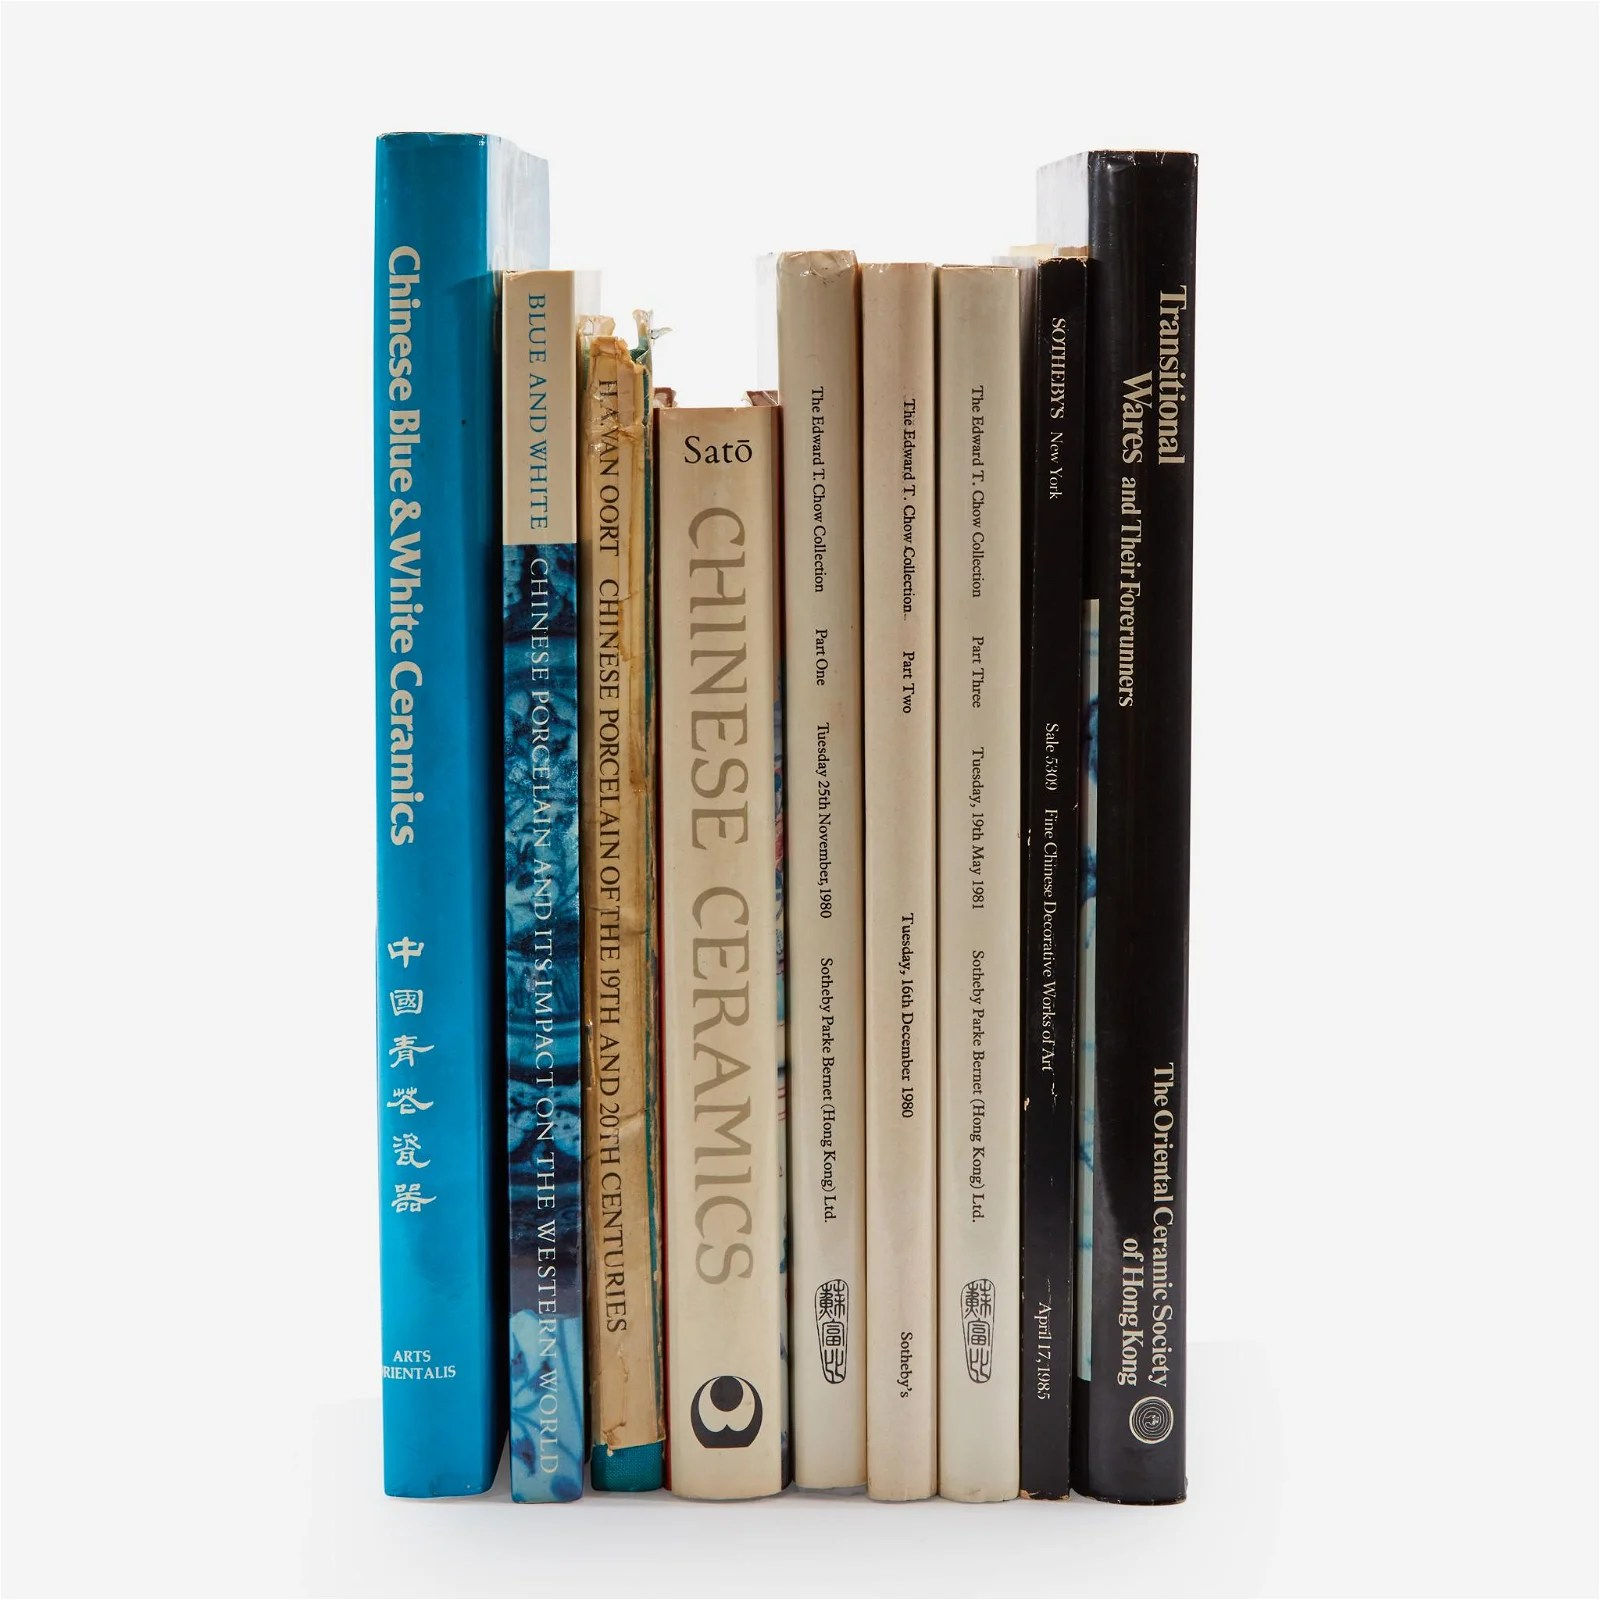 Nine books on Chinese ceramics,